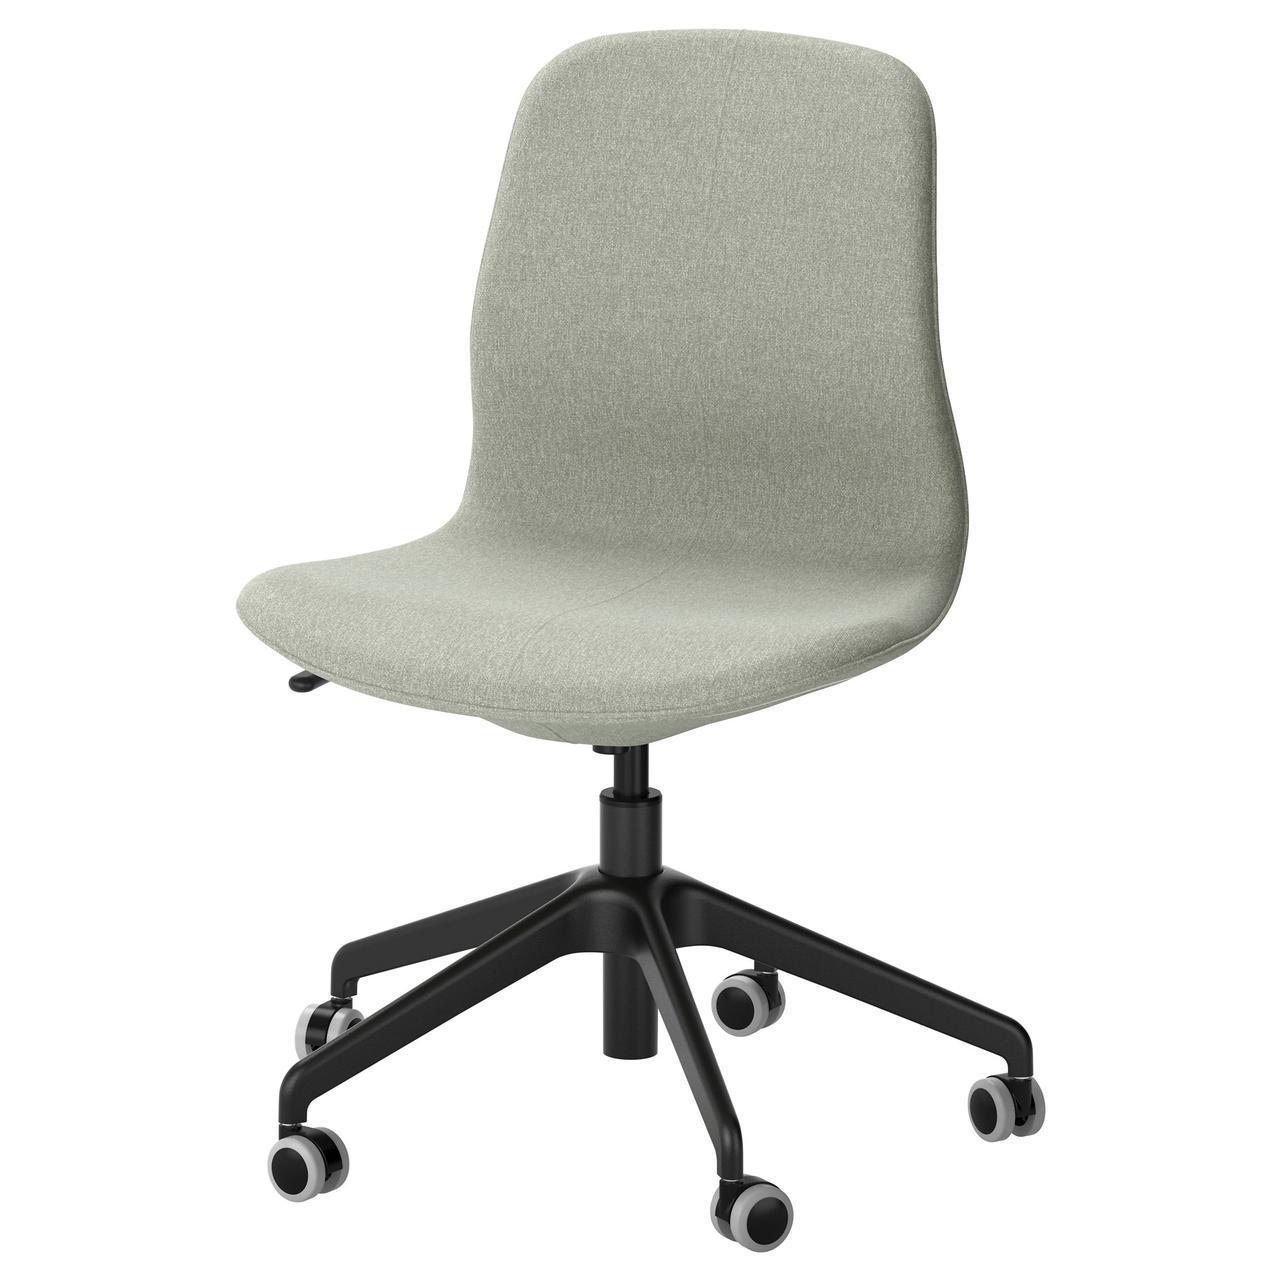 Компьютерное кресло IKEA LÅNGFJÄLL Gunnared светло-зеленое черное 091.775.89